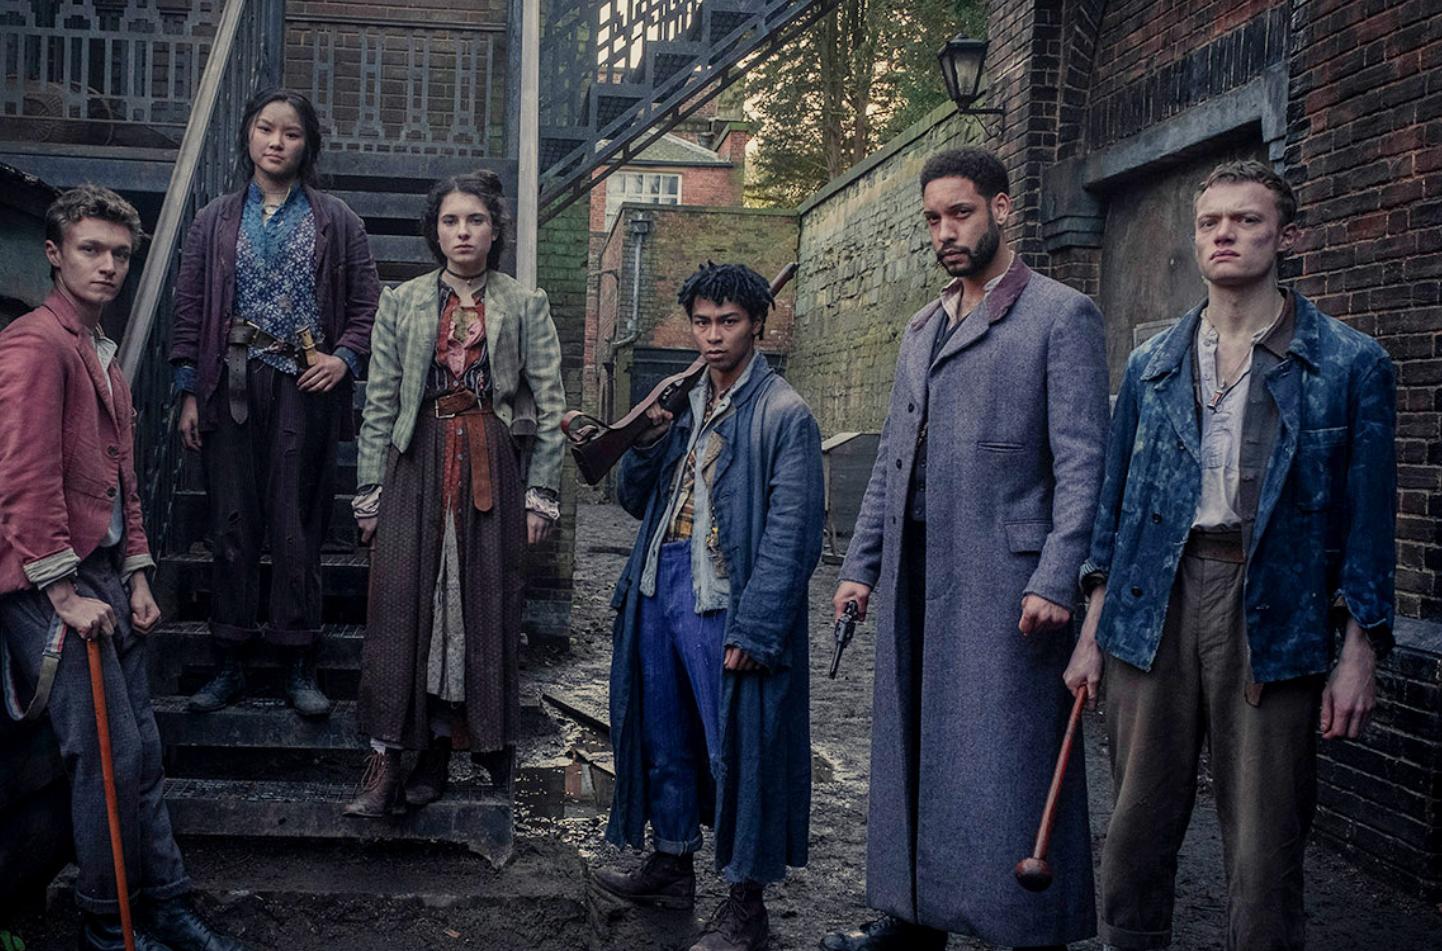 «Тьма окутала Лондон» — тизер мистического сериала во вселенной Шерлока Холмса